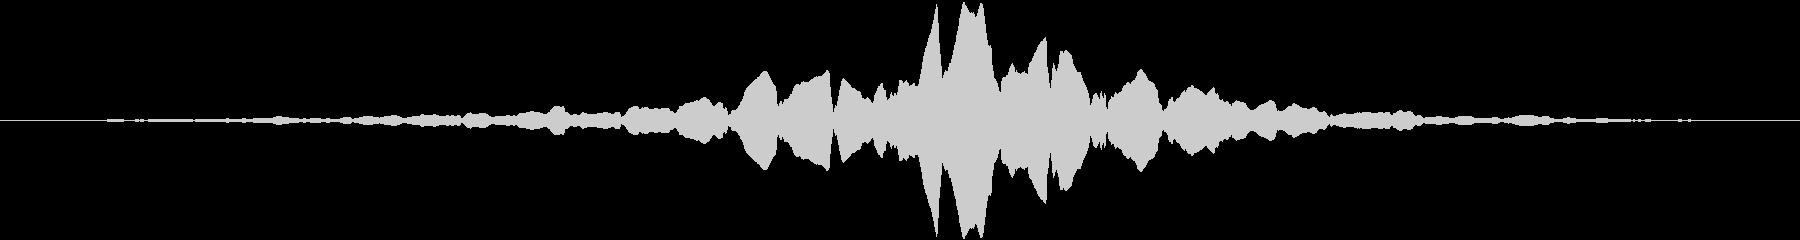 救急車が通り過ぎる音(ドップラー効果)の未再生の波形